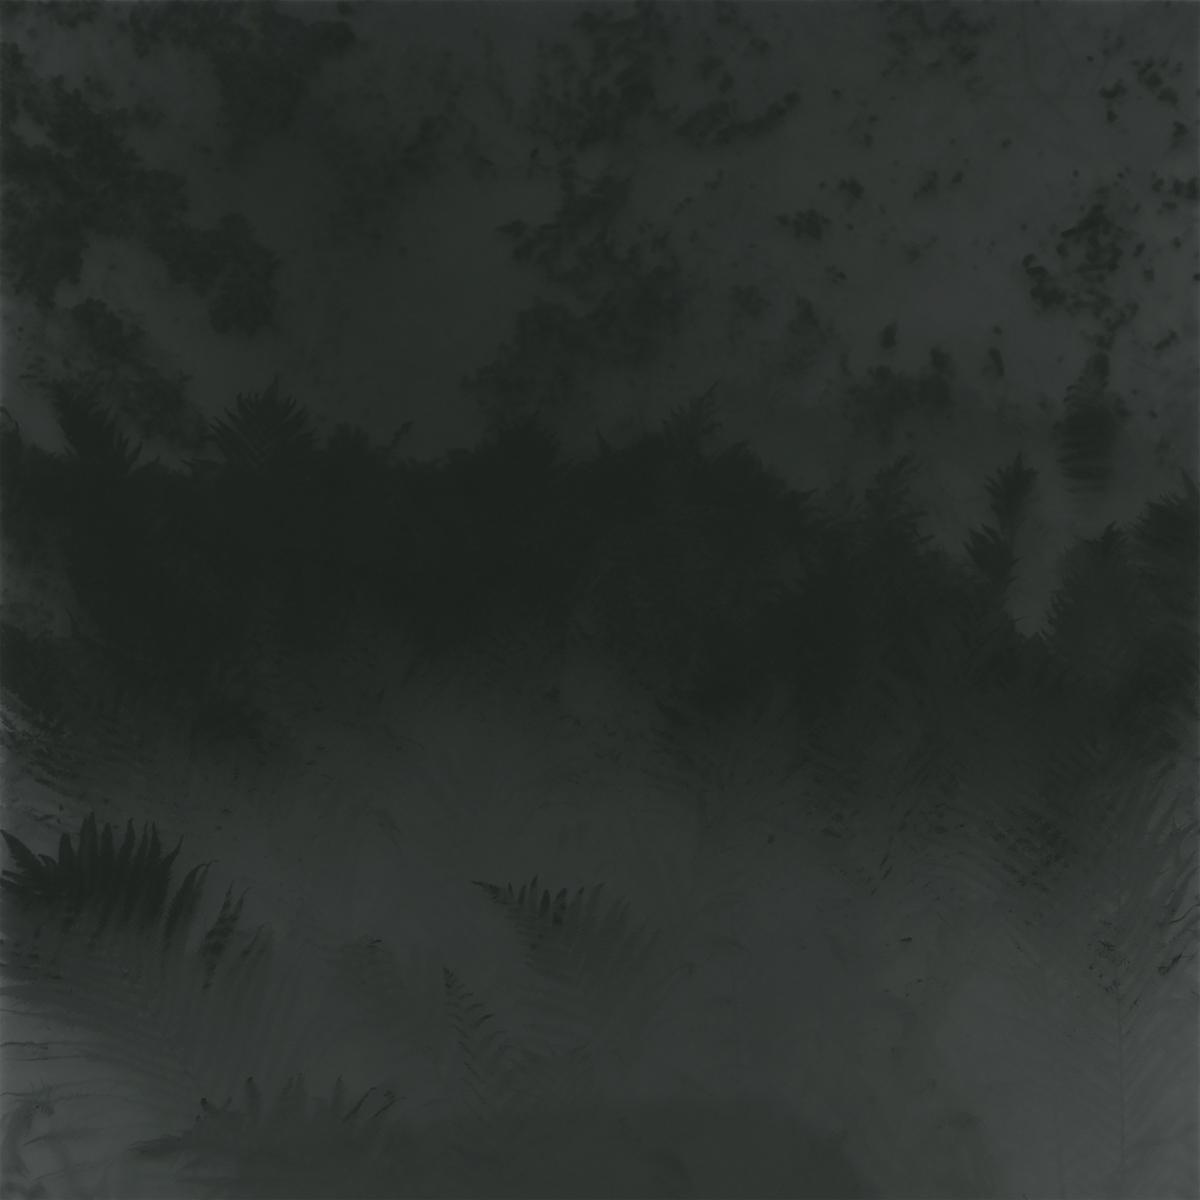 Veil III, 2016